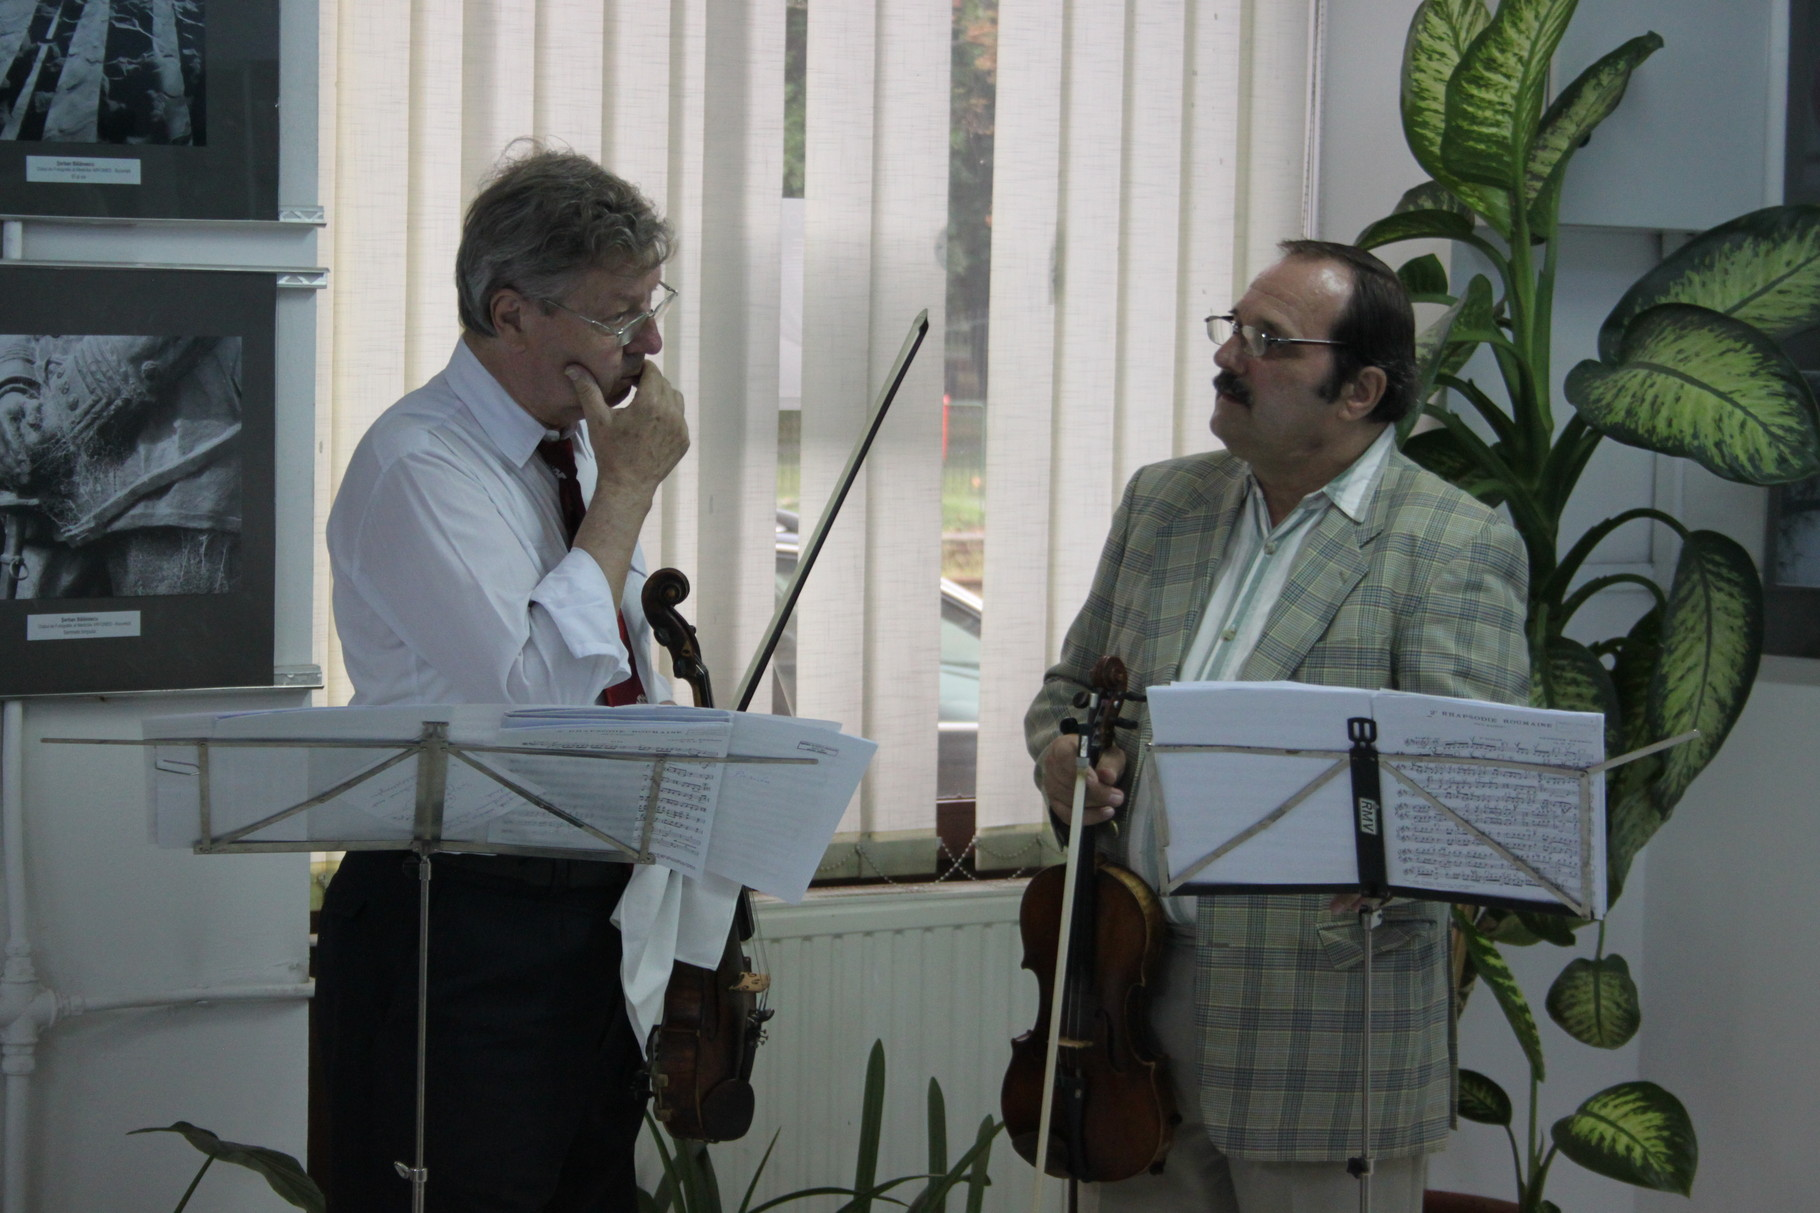 Photo: Zoltán Gardó